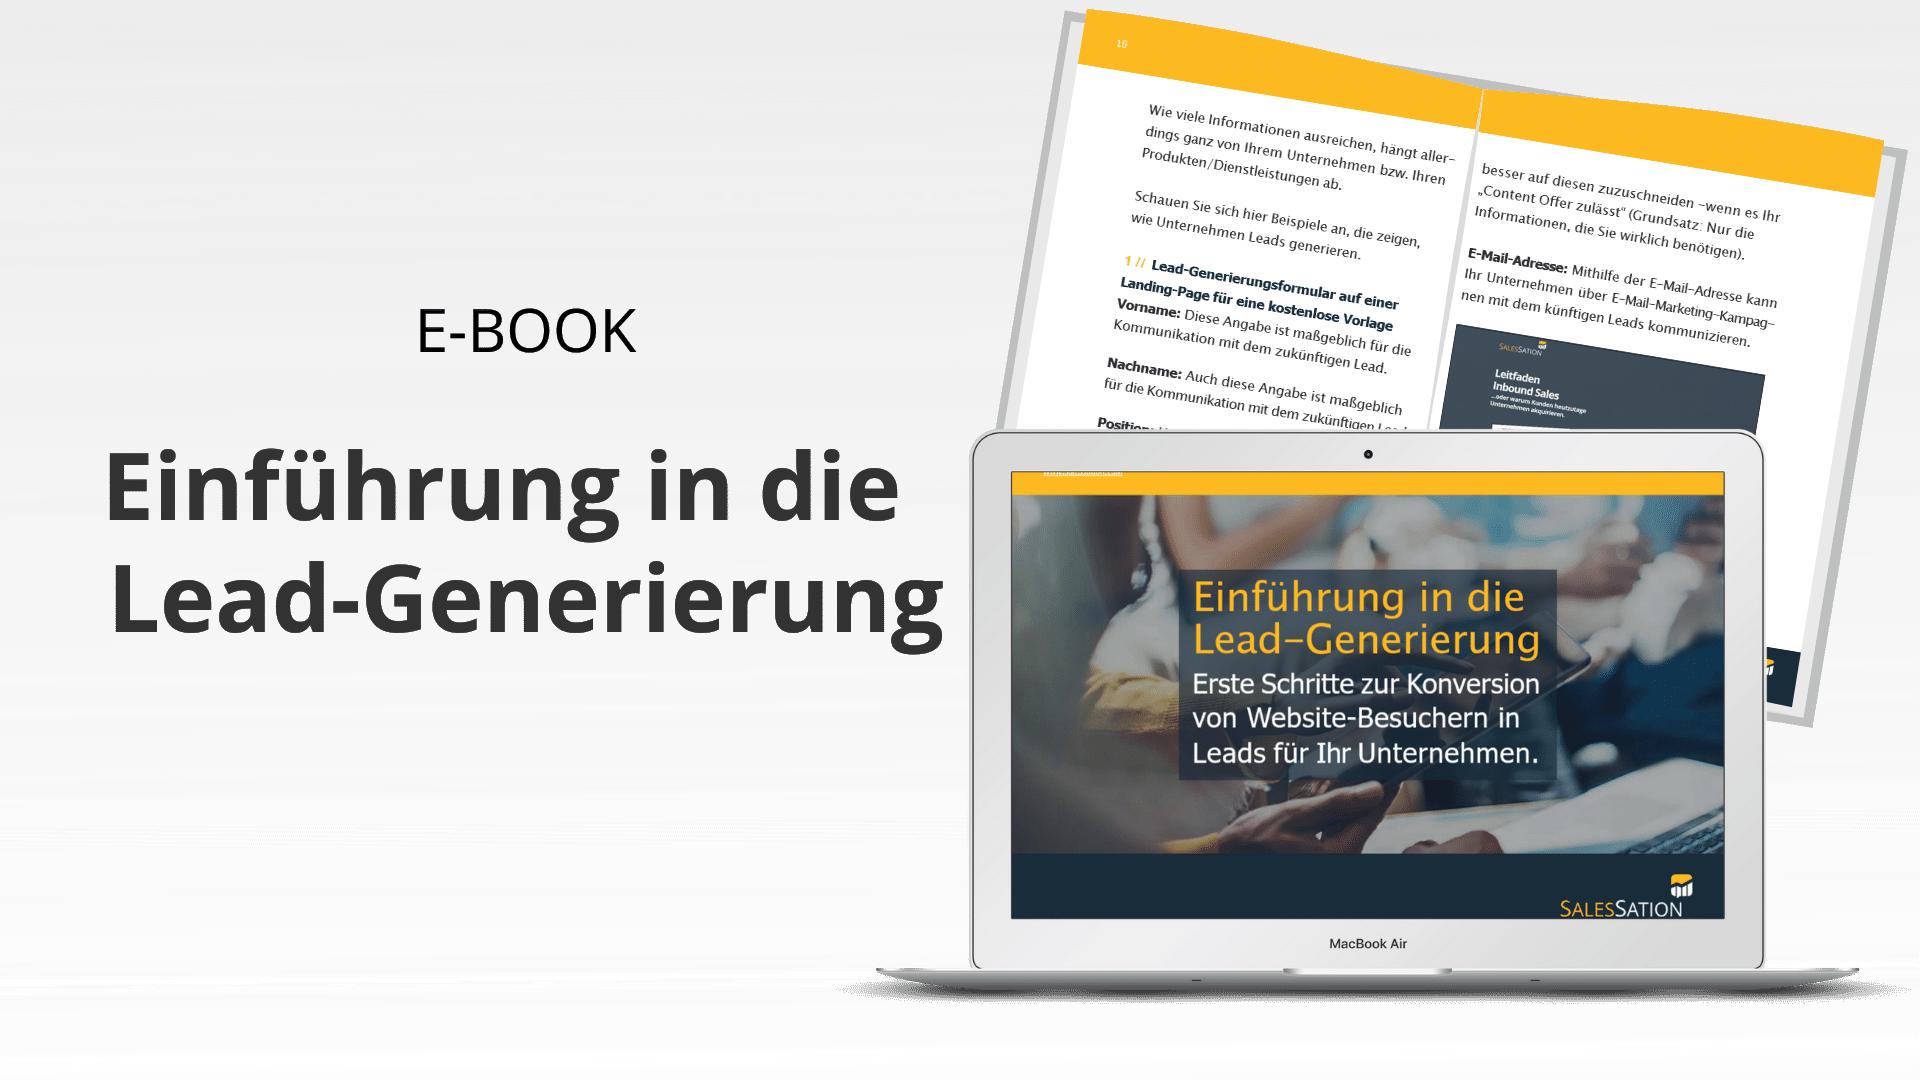 ebook-salessation-einführung-in-leadgenerierung